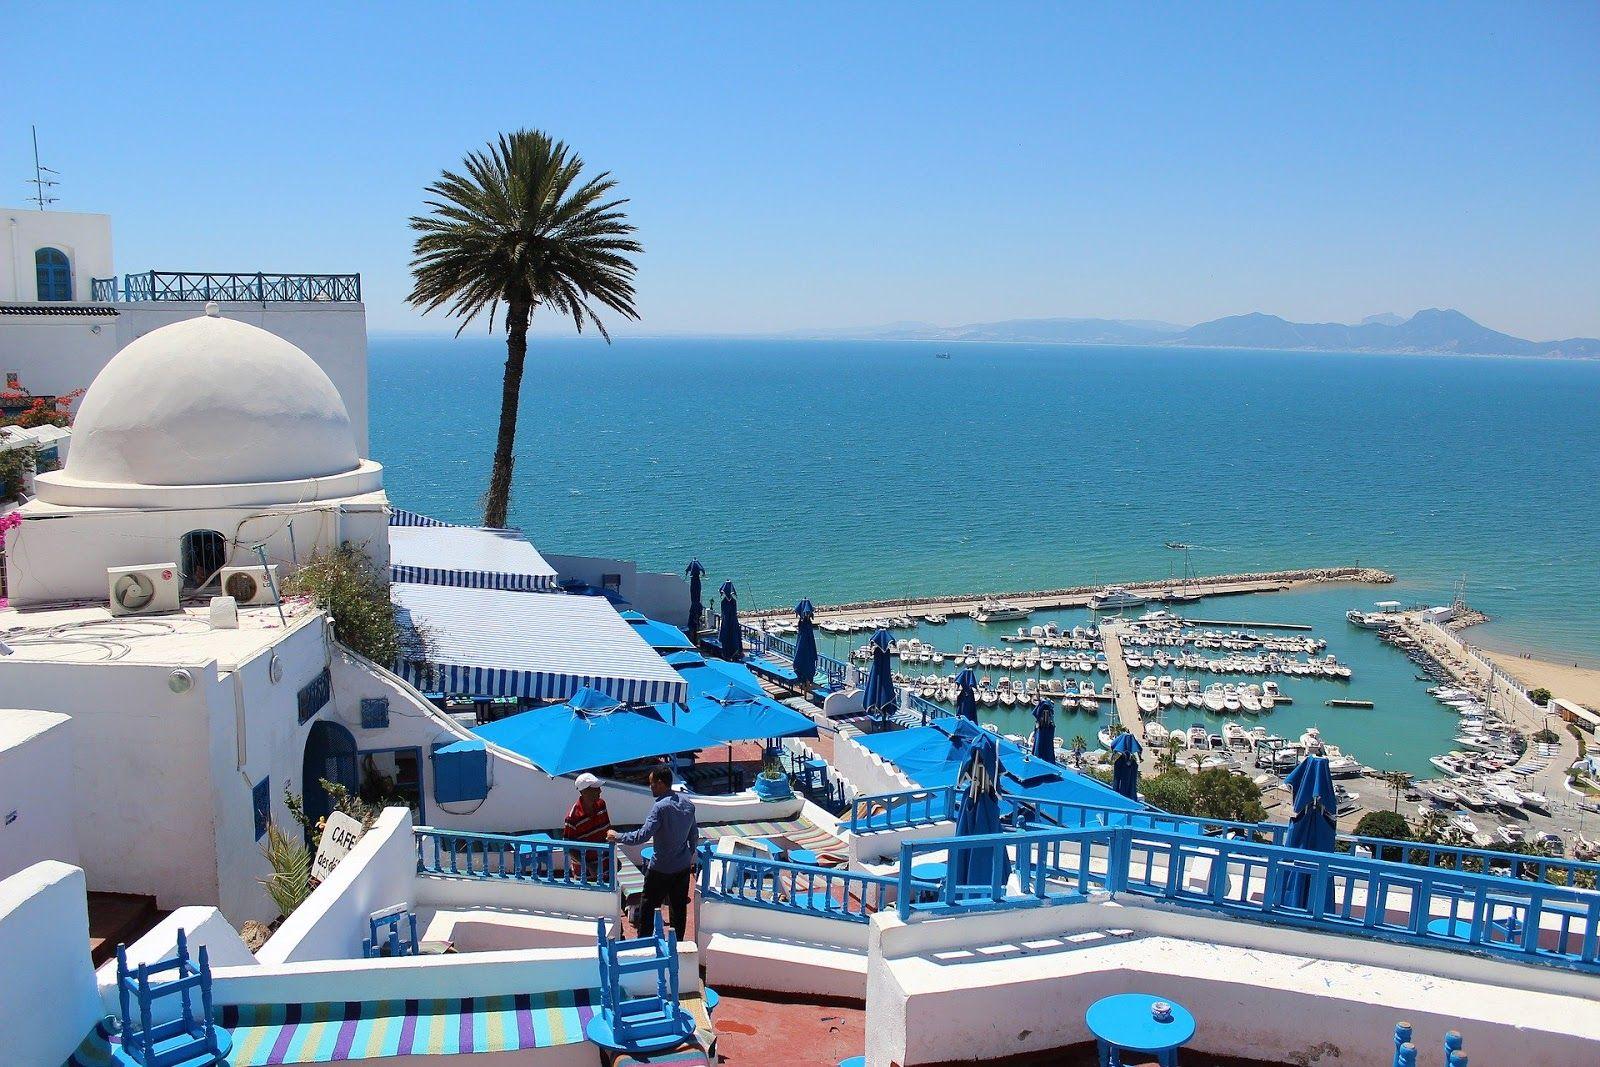 1 معلومات عن تونس تقع تونس في شمال افريقيا تبلغ مساحة تونس 163 610 كلم مربع يتروح عدد سكانها حولي 12 مليون نسمة عاصم Road Trip Adventure Vacation Sousse